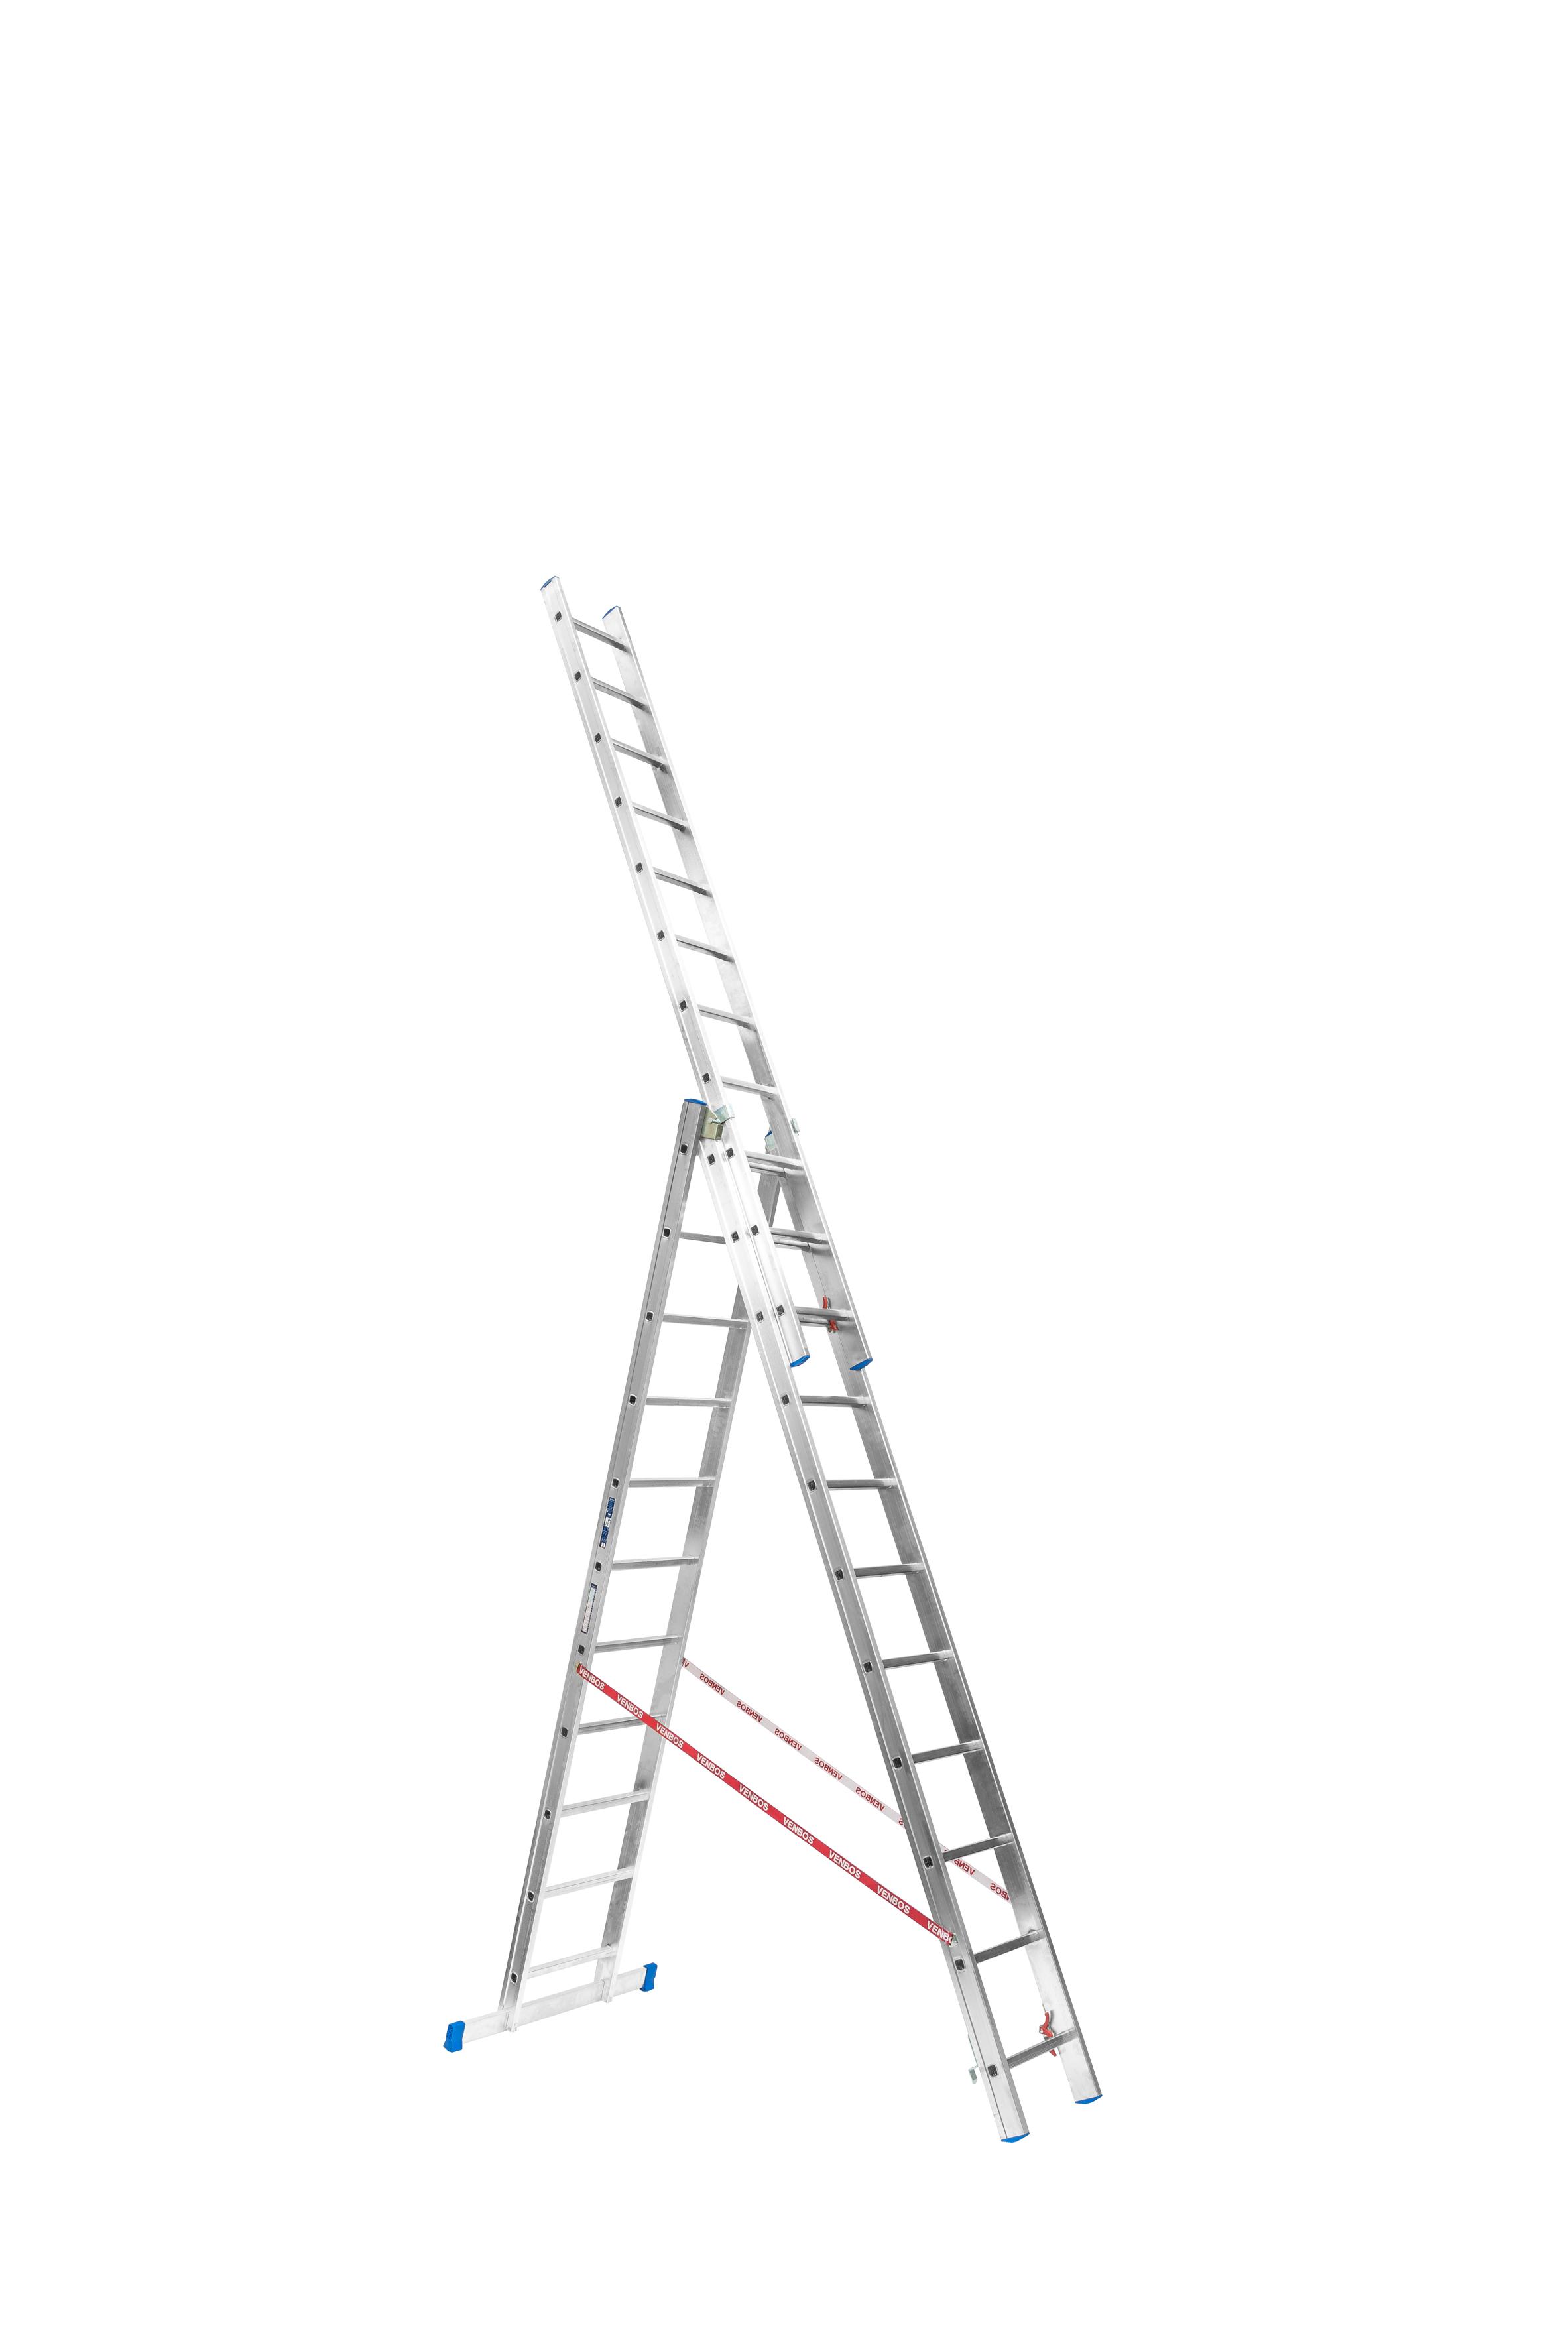 Trojdílný žebřík VENBOS PROFI 3811 3x11